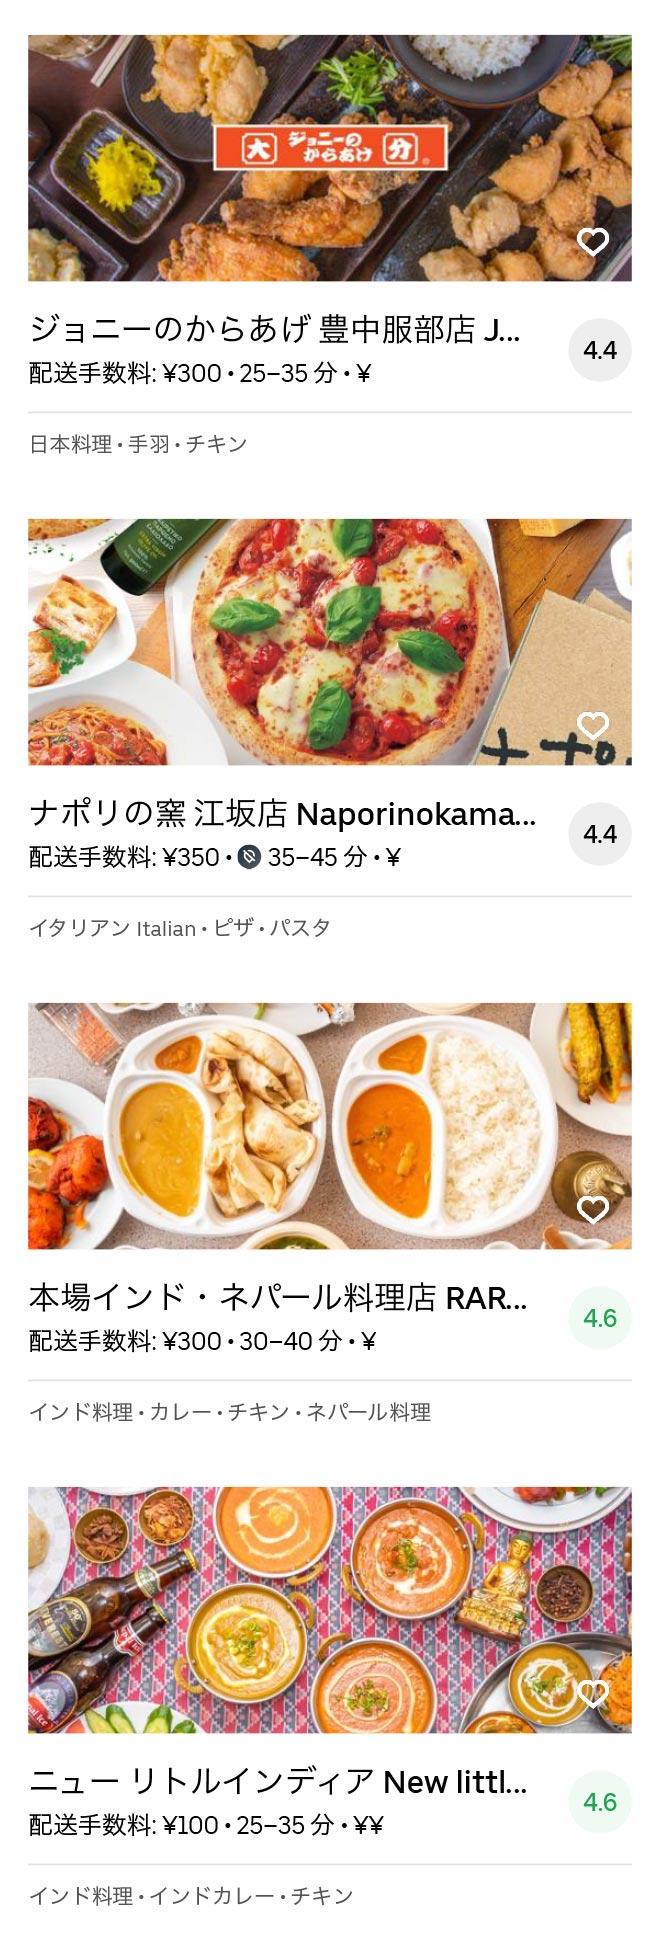 Toyonaka menu 2005 08